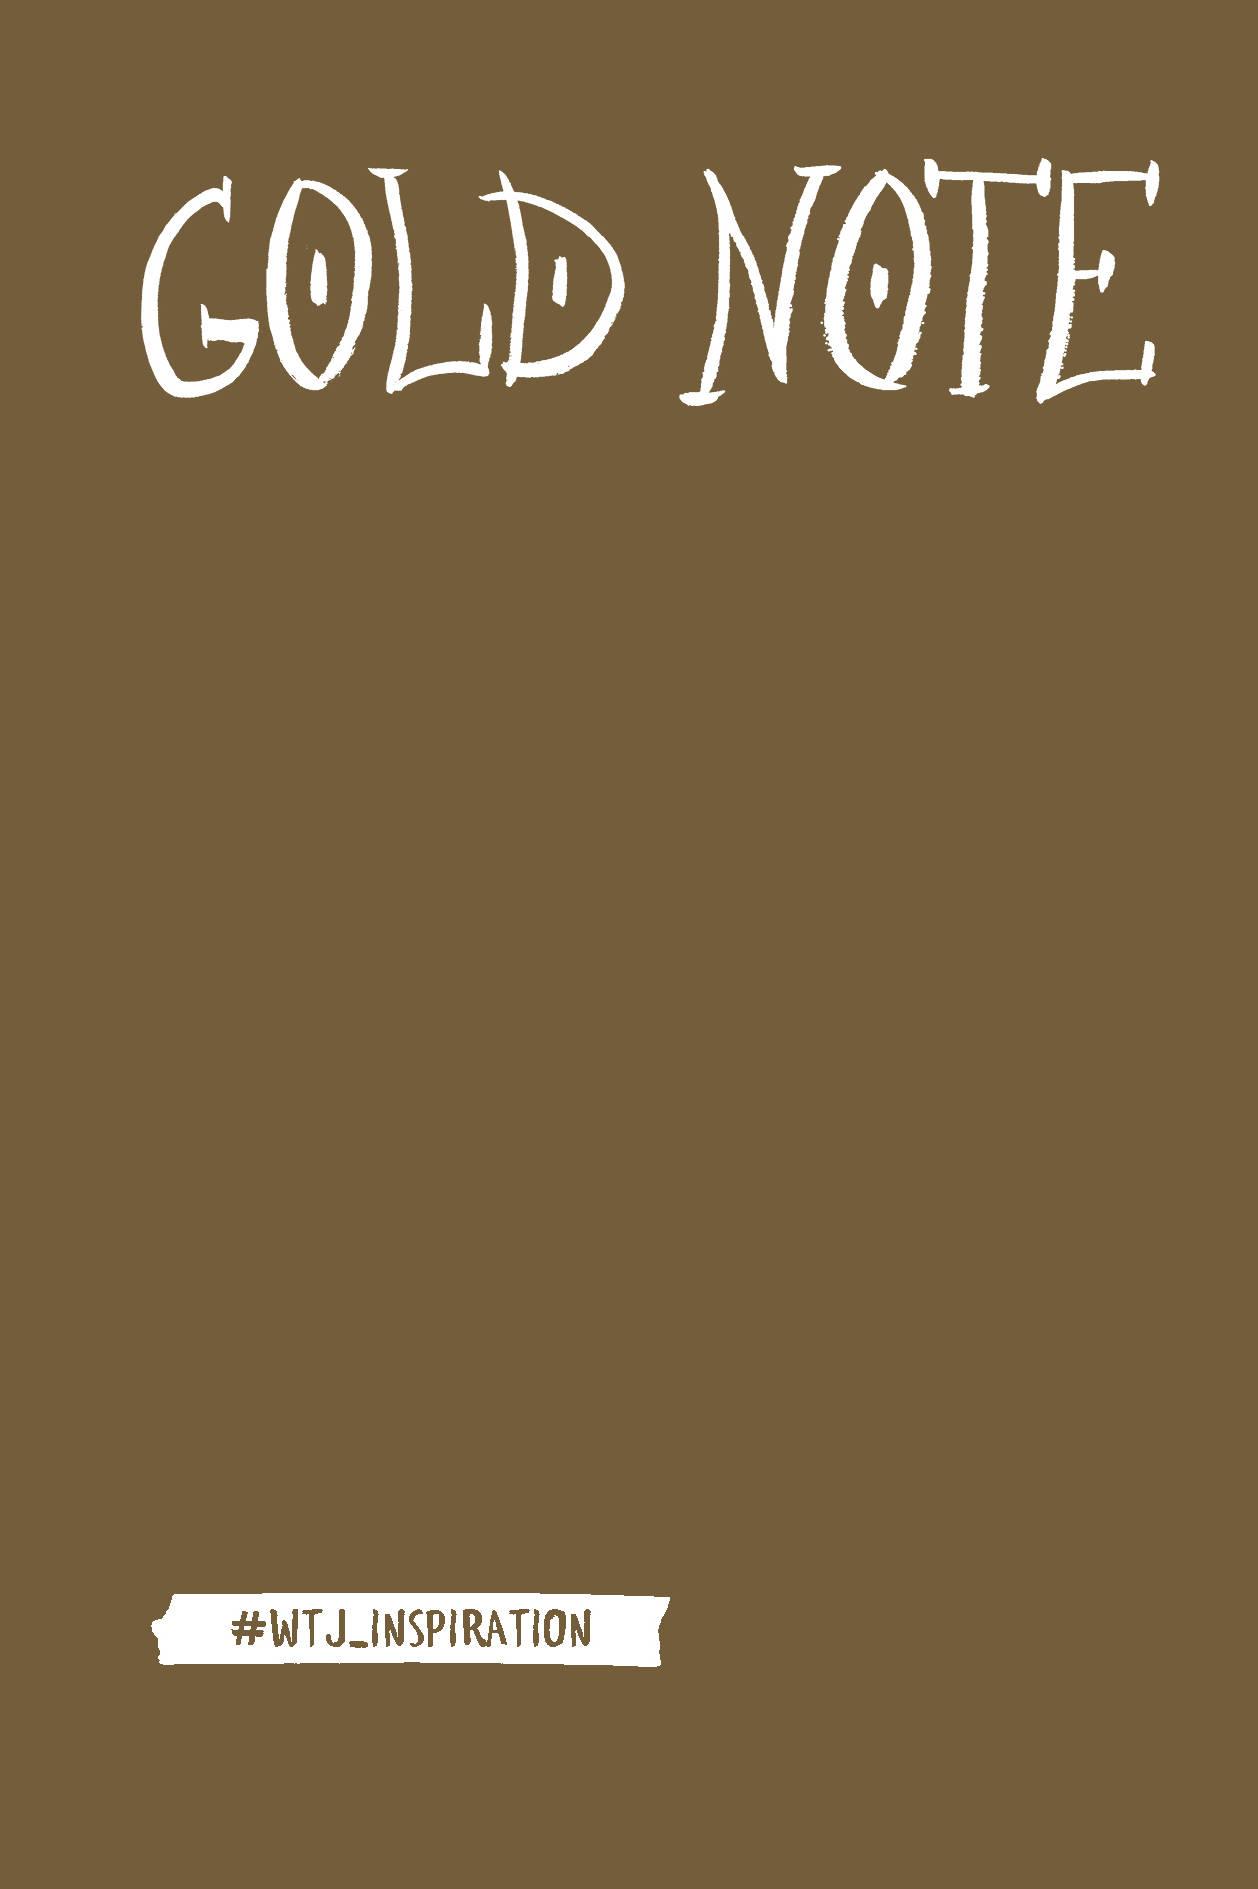 Gold Note. Креативный блокнот с золотыми страницами silver note креативный блокнот с серебряными страницами мяг обл а5 192 стр